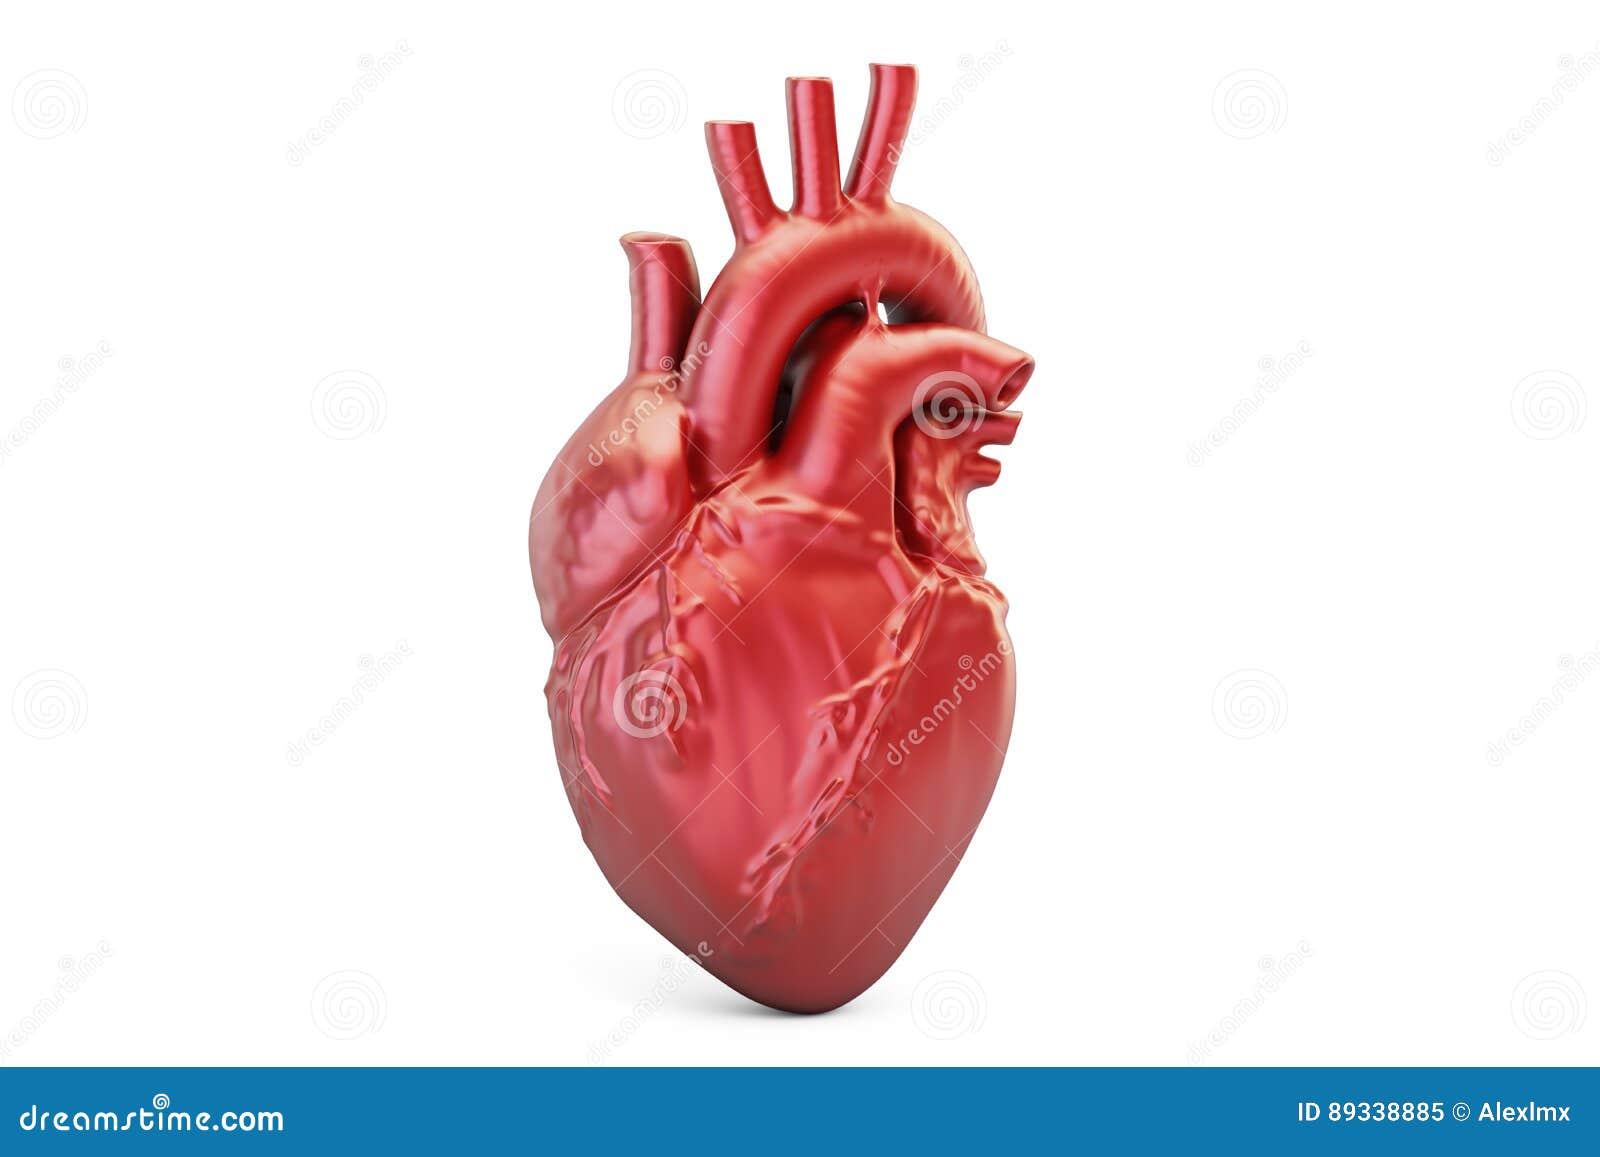 Menschliches Herz, Wiedergabe 3D Stock Abbildung - Illustration von ...